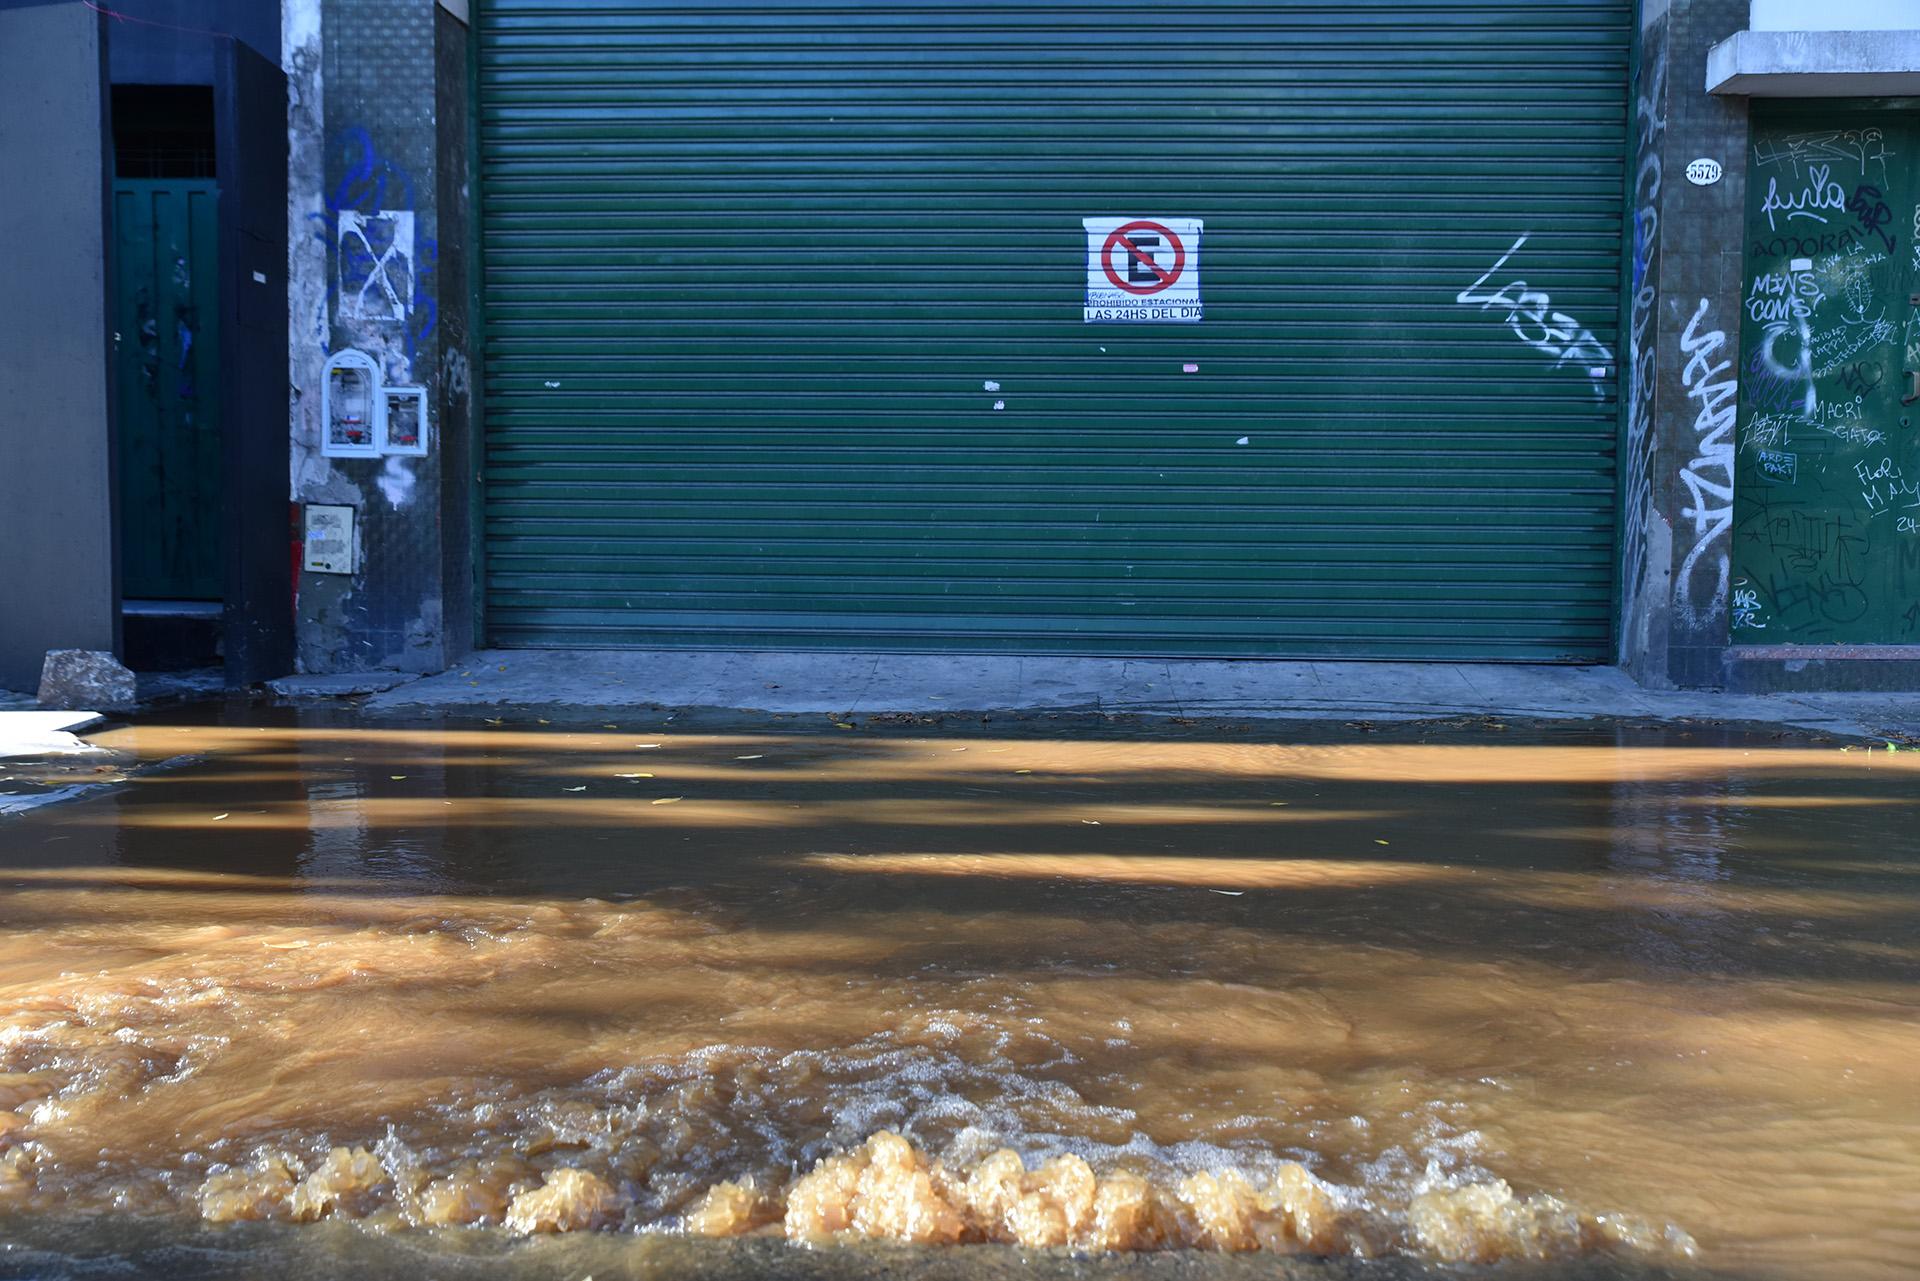 El agua marrón comenzó a inundar las veredas de la intersección